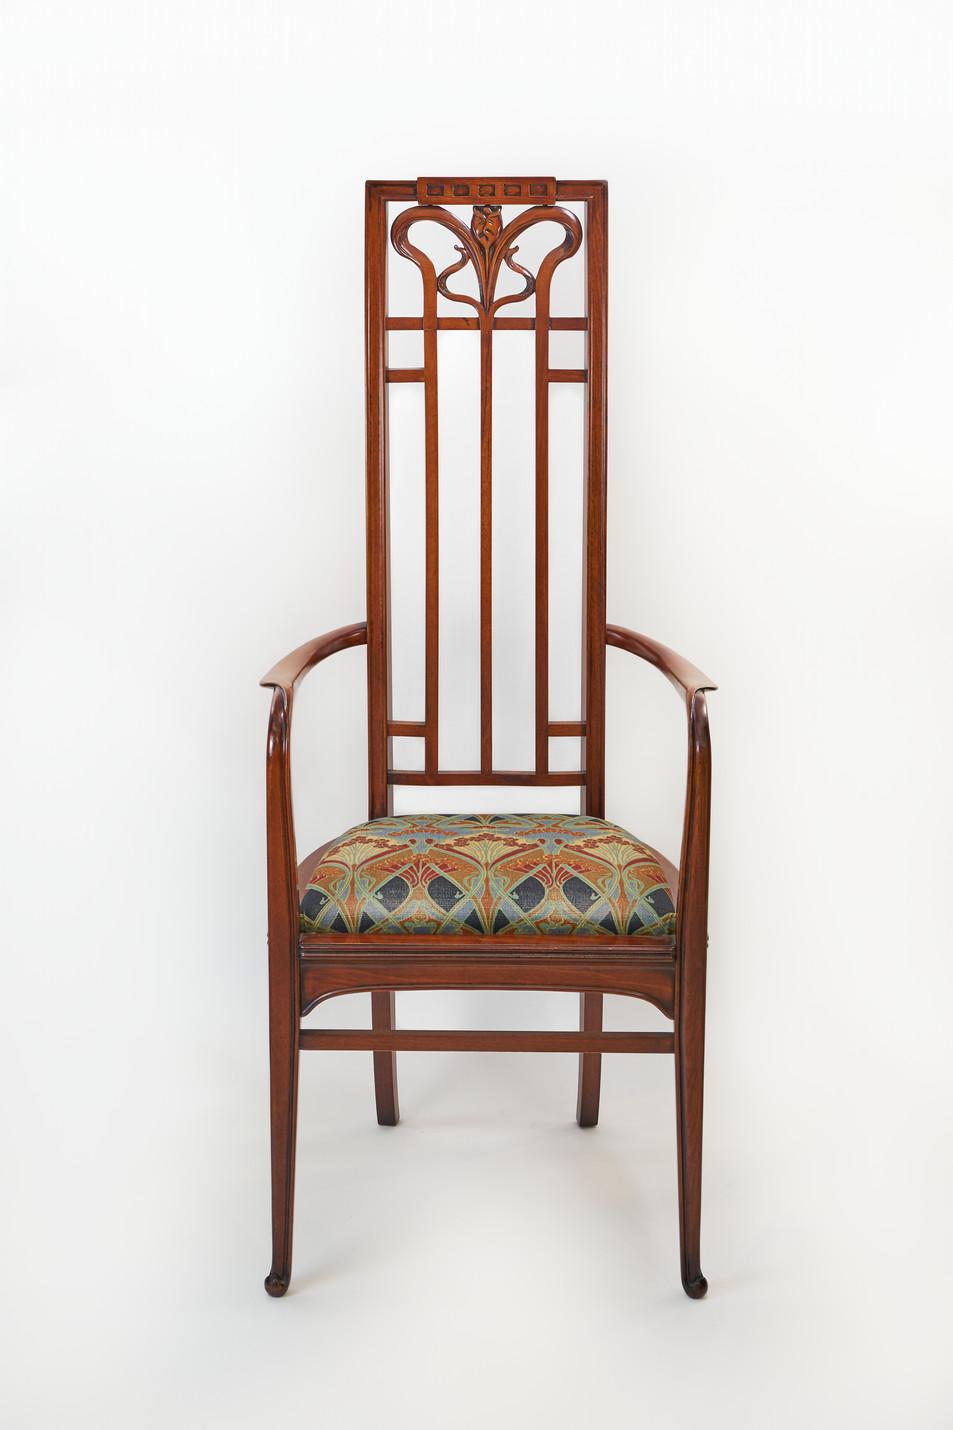 MEDEA - Art Deco Style Arm Chair